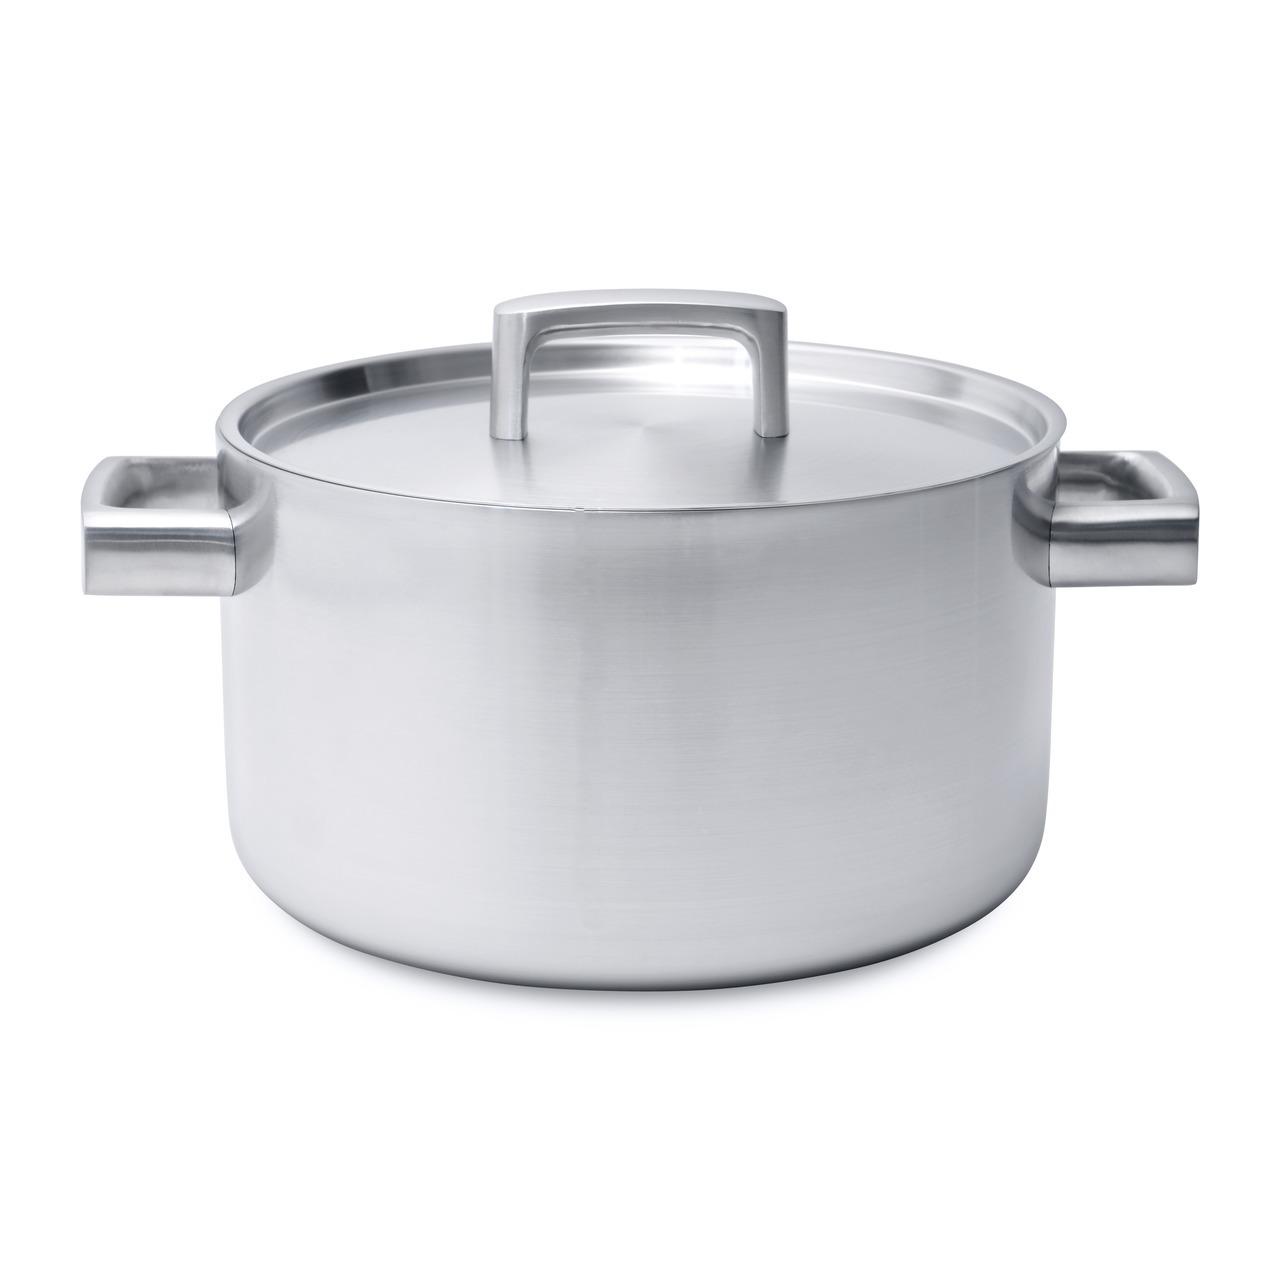 Кастрюля с крышкой 24см 6,1л (5-слойный материал) BergHOFF Ron 3900034Кастрюли<br>Кастрюля с крышкой 24см 6,1л (5-слойный материал) BergHOFF Ron 3900034<br><br>Для широкого разнообразия блюд, от супов до варки пасты, овощей. 4 различных материала расположены в изобретательном 5-слойном альянсе для равномерного распределения тепла. Дно и корпус формируют бесшовное целое, гарантирующее, что тепло быстро распределяется по дну до обода. <br>Ненагревающиеся ручки обеспечивают безопасность и комфорт. Крышка плотно закрывает кастрюлю, удерживая естественную влагу и соки ингредиентов внутри.Конструкция дна делает возможным энергоэффективное приготовление пищи и равномерное распределение тепла по всей поверхности. Отмеченная наградами коллекция Ron предлагает на выбор 4 впечатляющих стиля для воплощения множества кулинарных приемов. В дополнение к своей универсальности по принципу смешивай и сочетай, линия Ron выполнена в стилистическом единстве: штатный дизайнер BergHOFF Питер Рукс с любовью создавал каждый предмет, используя как сочетающиеся, так и контрастирующие цвета и материалы.<br>Официальный продавец BergHOFF<br>